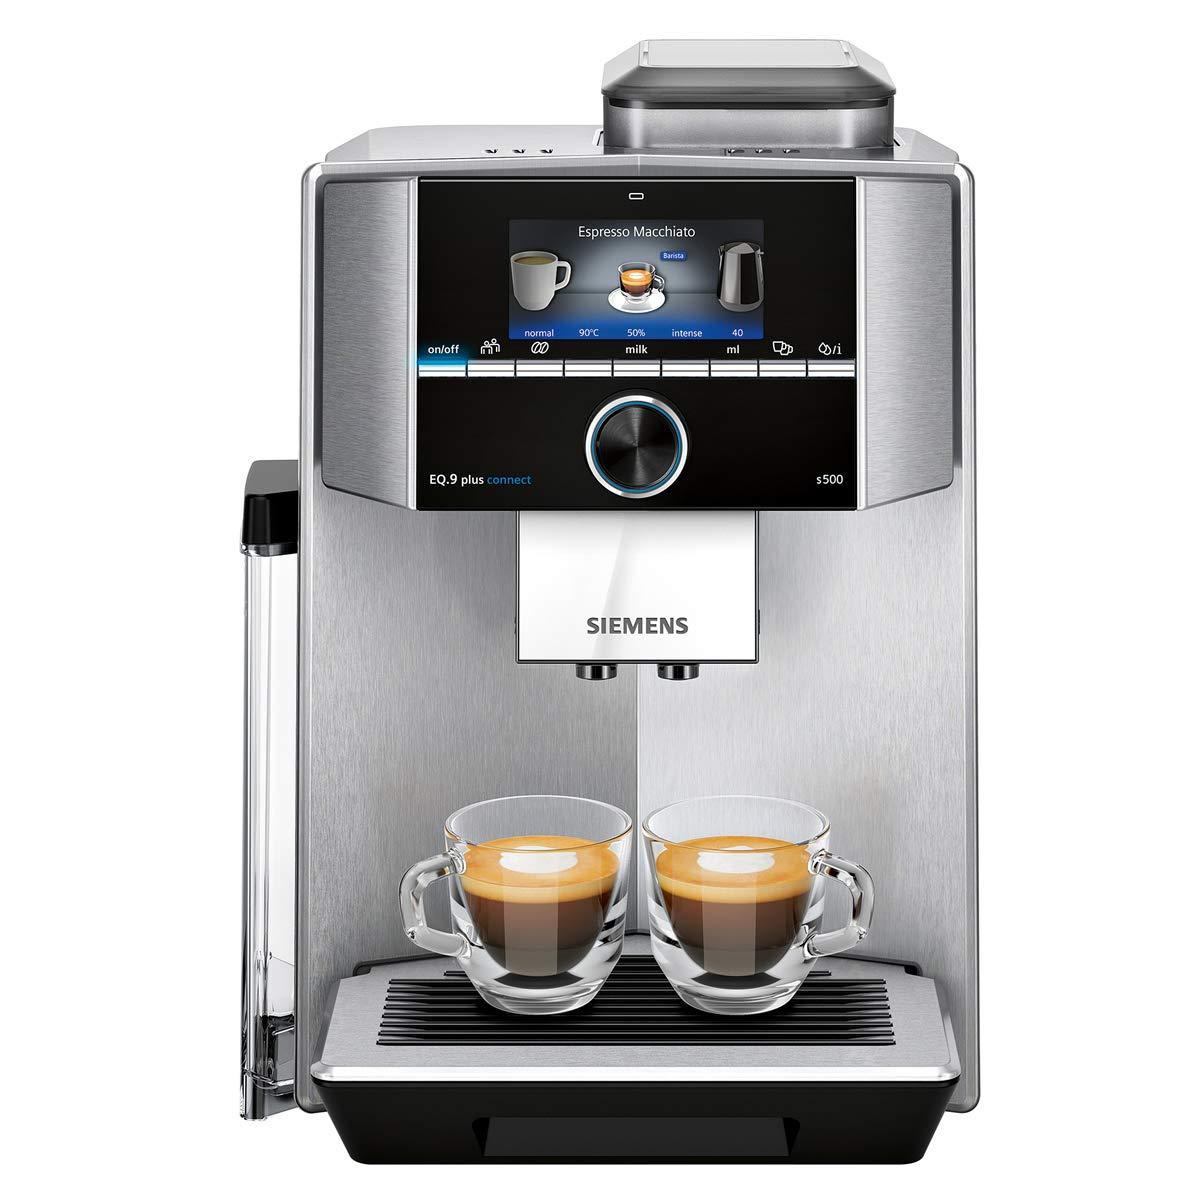 Siemens TI9553X1RW Cafetera Superautomática, 1500 W, 1.7 litros, Plástico, Acero: Amazon.es: Hogar